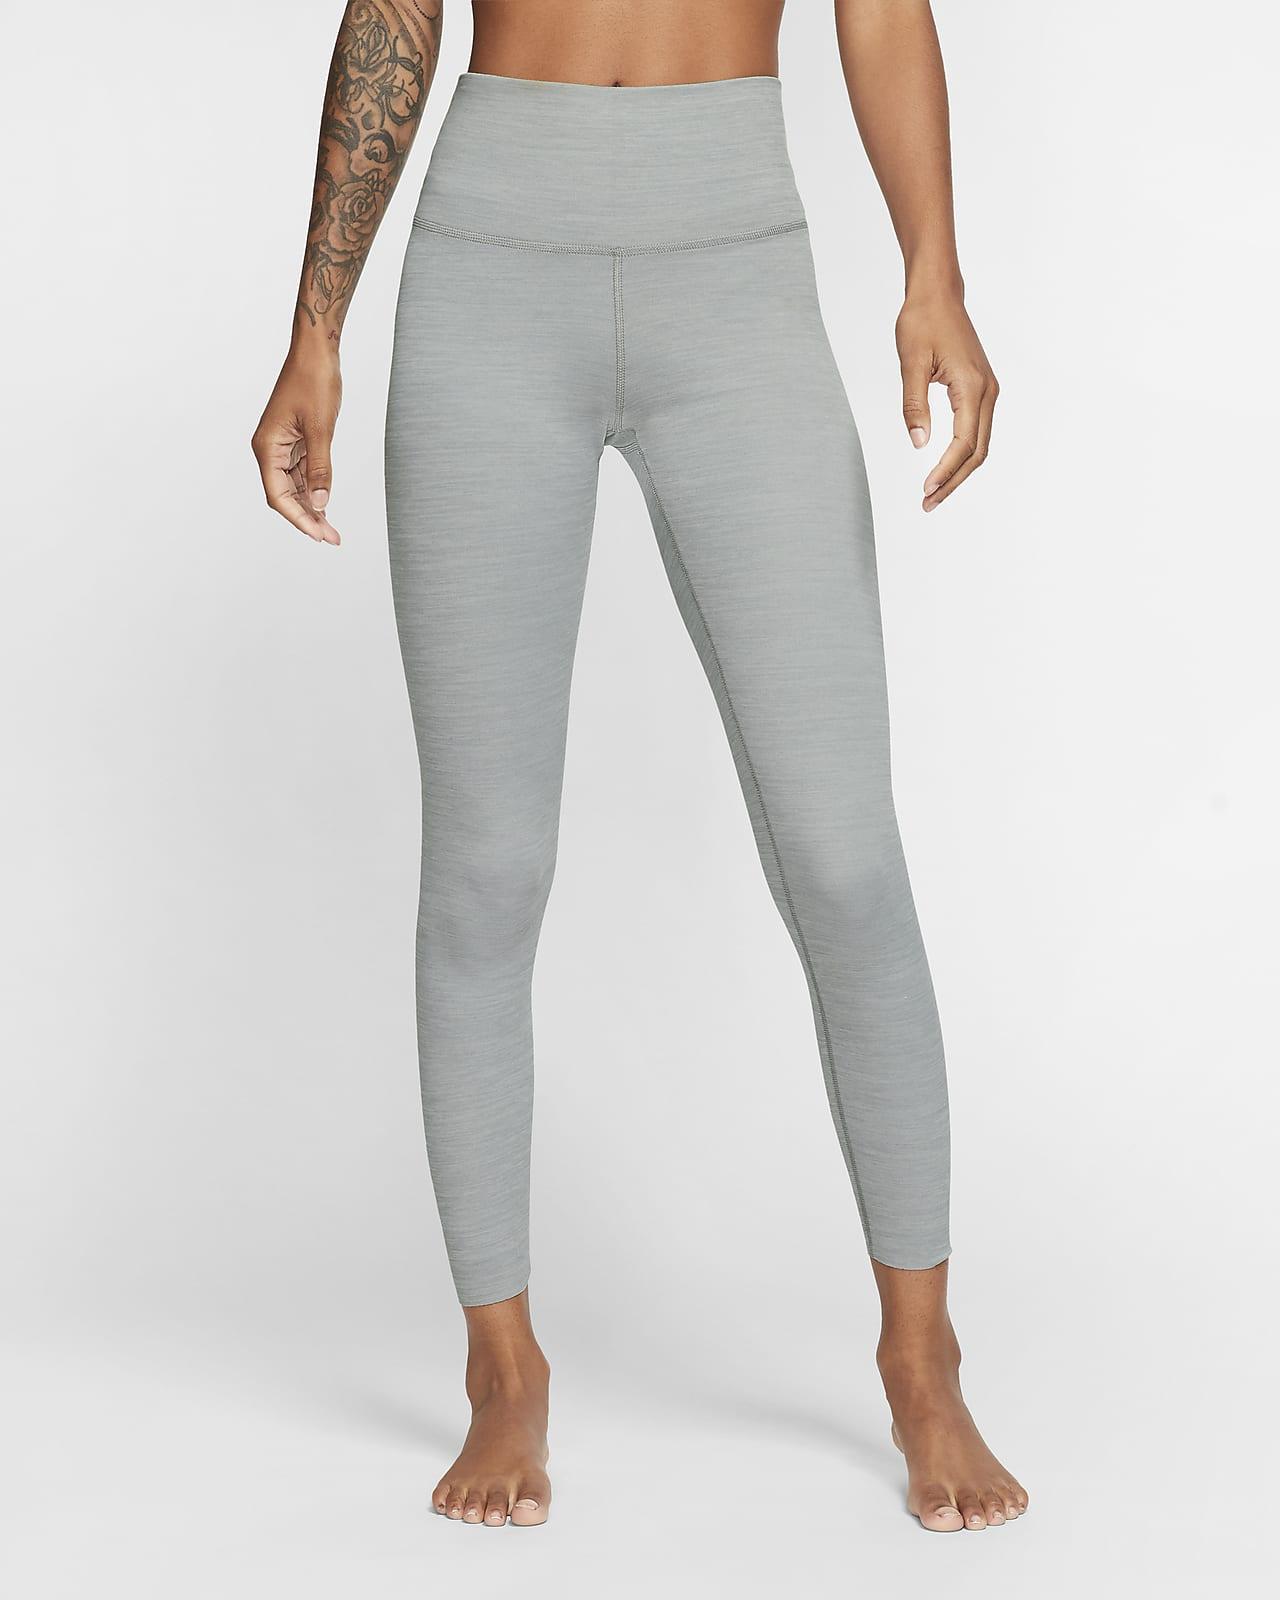 Nike Yoga Luxe Dri-FIT-Infinalon-leggings i 7/8-længde med høj talje til kvinder